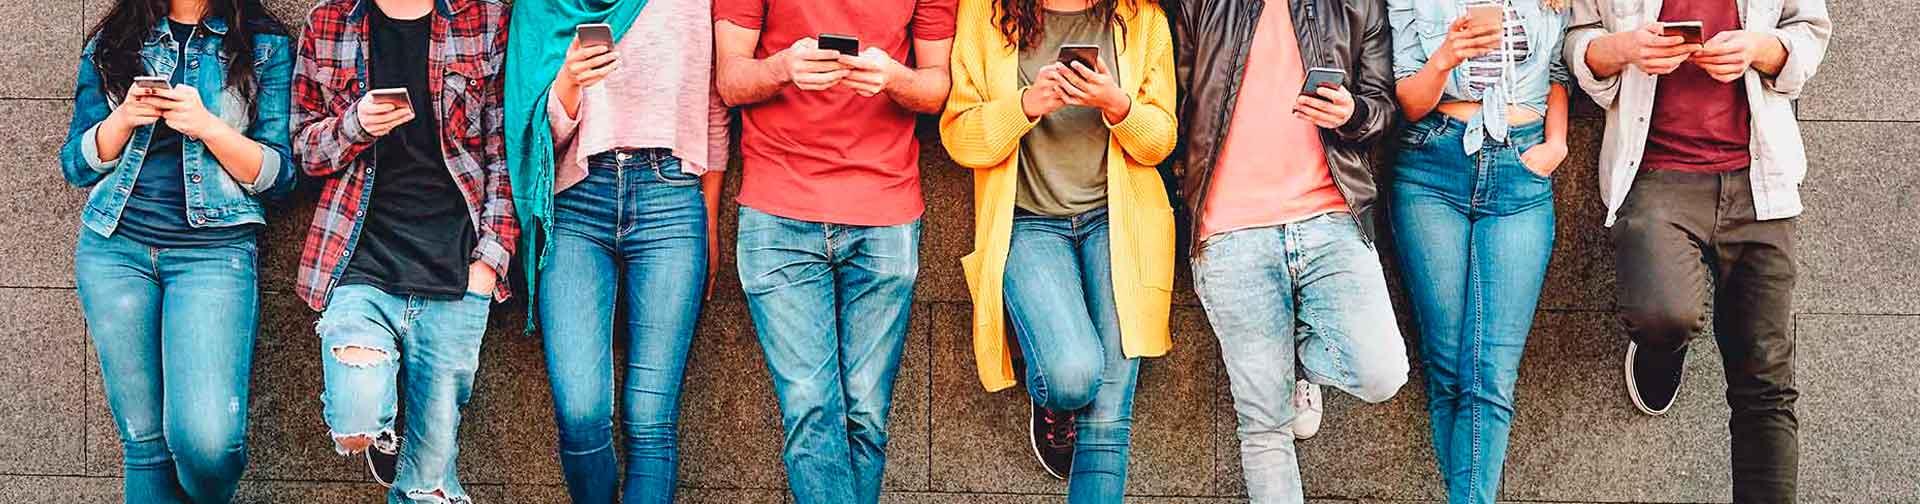 Estudiantes universitarios conectados